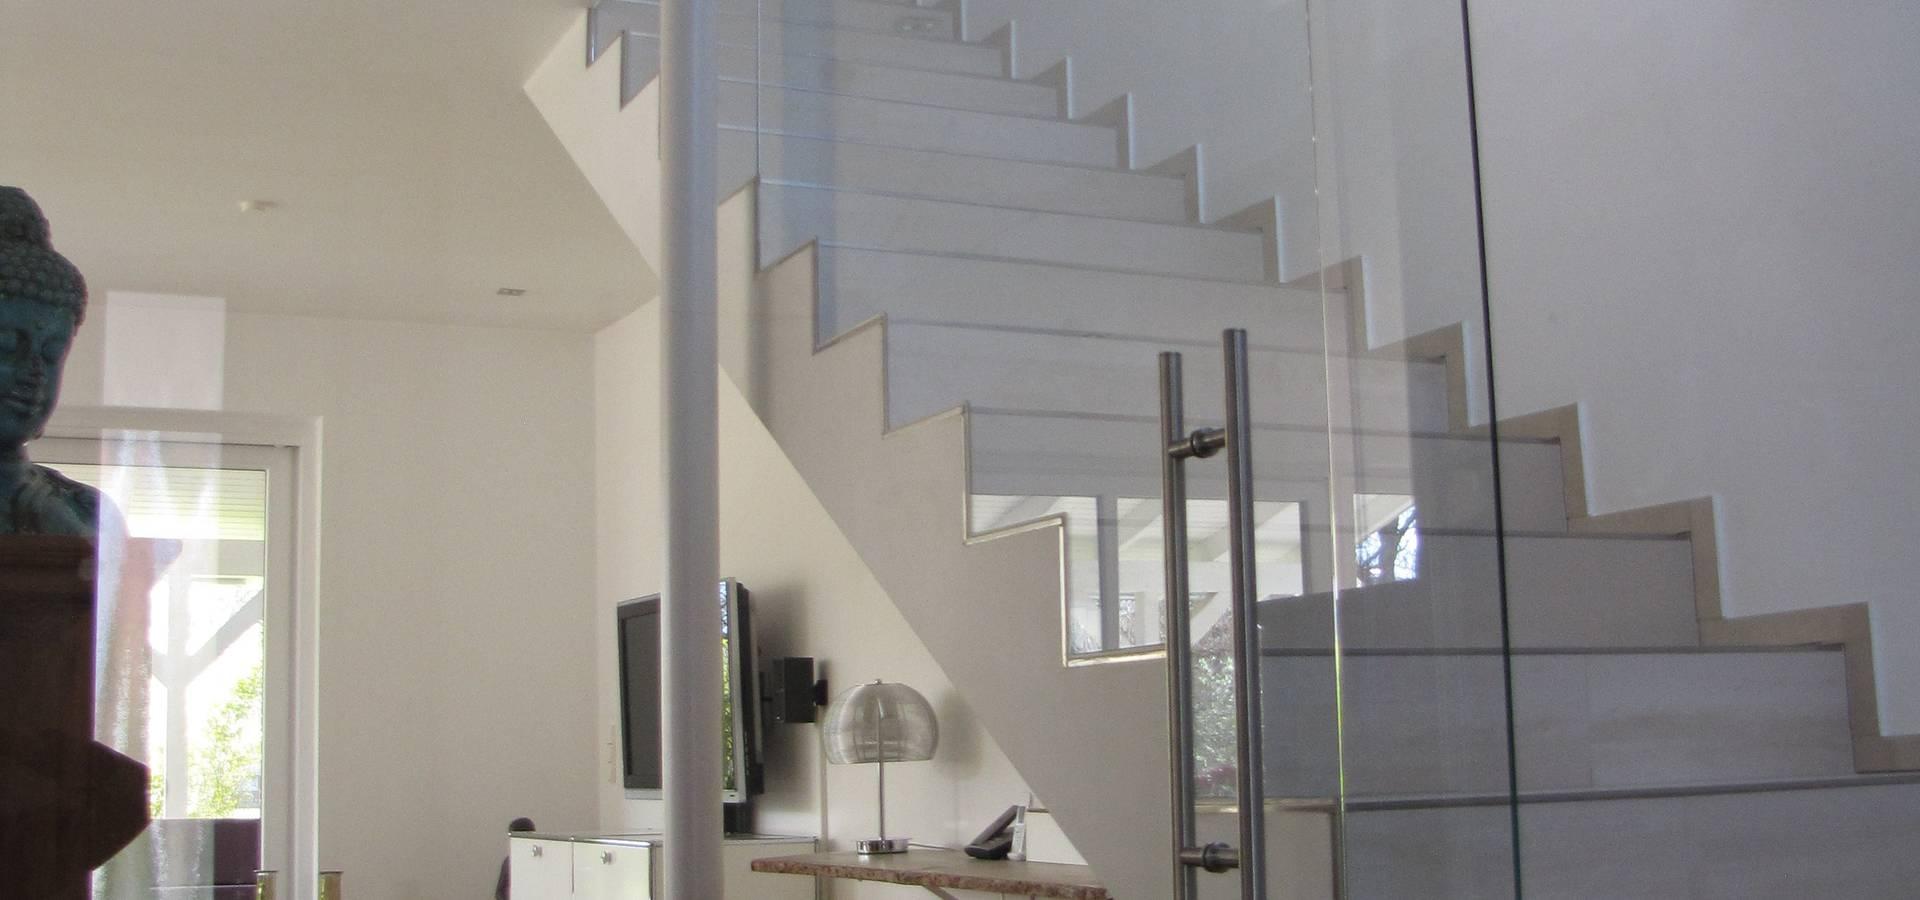 Glas Küchenrückwand mit Motiv für Landhausküche by RW Lifestyle ...